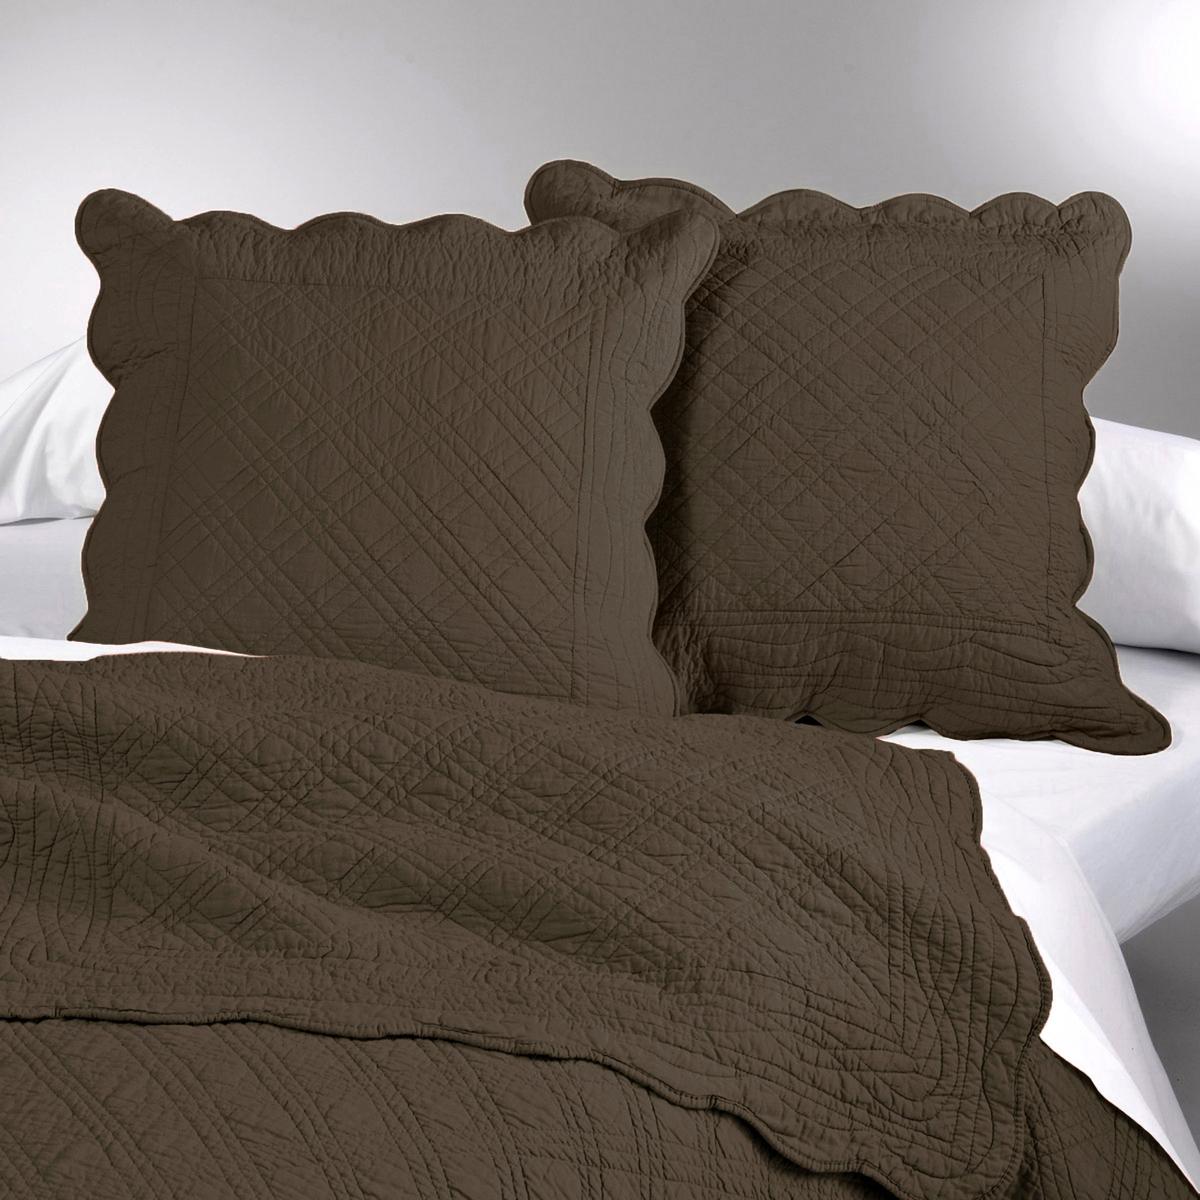 Чехол на подушку или подушку-валик ScenarioЧехол на подушку Scenario: Ручная работа, утонченная отделка и элегантный дизайн делают этот стеганый чехол для подушки из 100% хлопка незаменимой деталью декора Вашей спальни.Характеристики чехла на подушку Scenario   :- Чехол для подушки из плотной ткани 100% хлопка с хлопковыми волокнами (250 г/м?).- искусная отделка (волнообразные края).- Прямоугольная форма с застежкой на пуговицы для размера 65 x 65 см  .Размеры чехла на подушку Scenario:40 x 40 см65 x 65 см- Стирать при 40°.Производство осуществляется с учетом стандартов по защите окружающей среды и здоровья человека, что подтверждено сертификатом Oeko-tex®... . ..  : : . .  : .  : . .  !  : .<br><br>Цвет: серо-коричневый